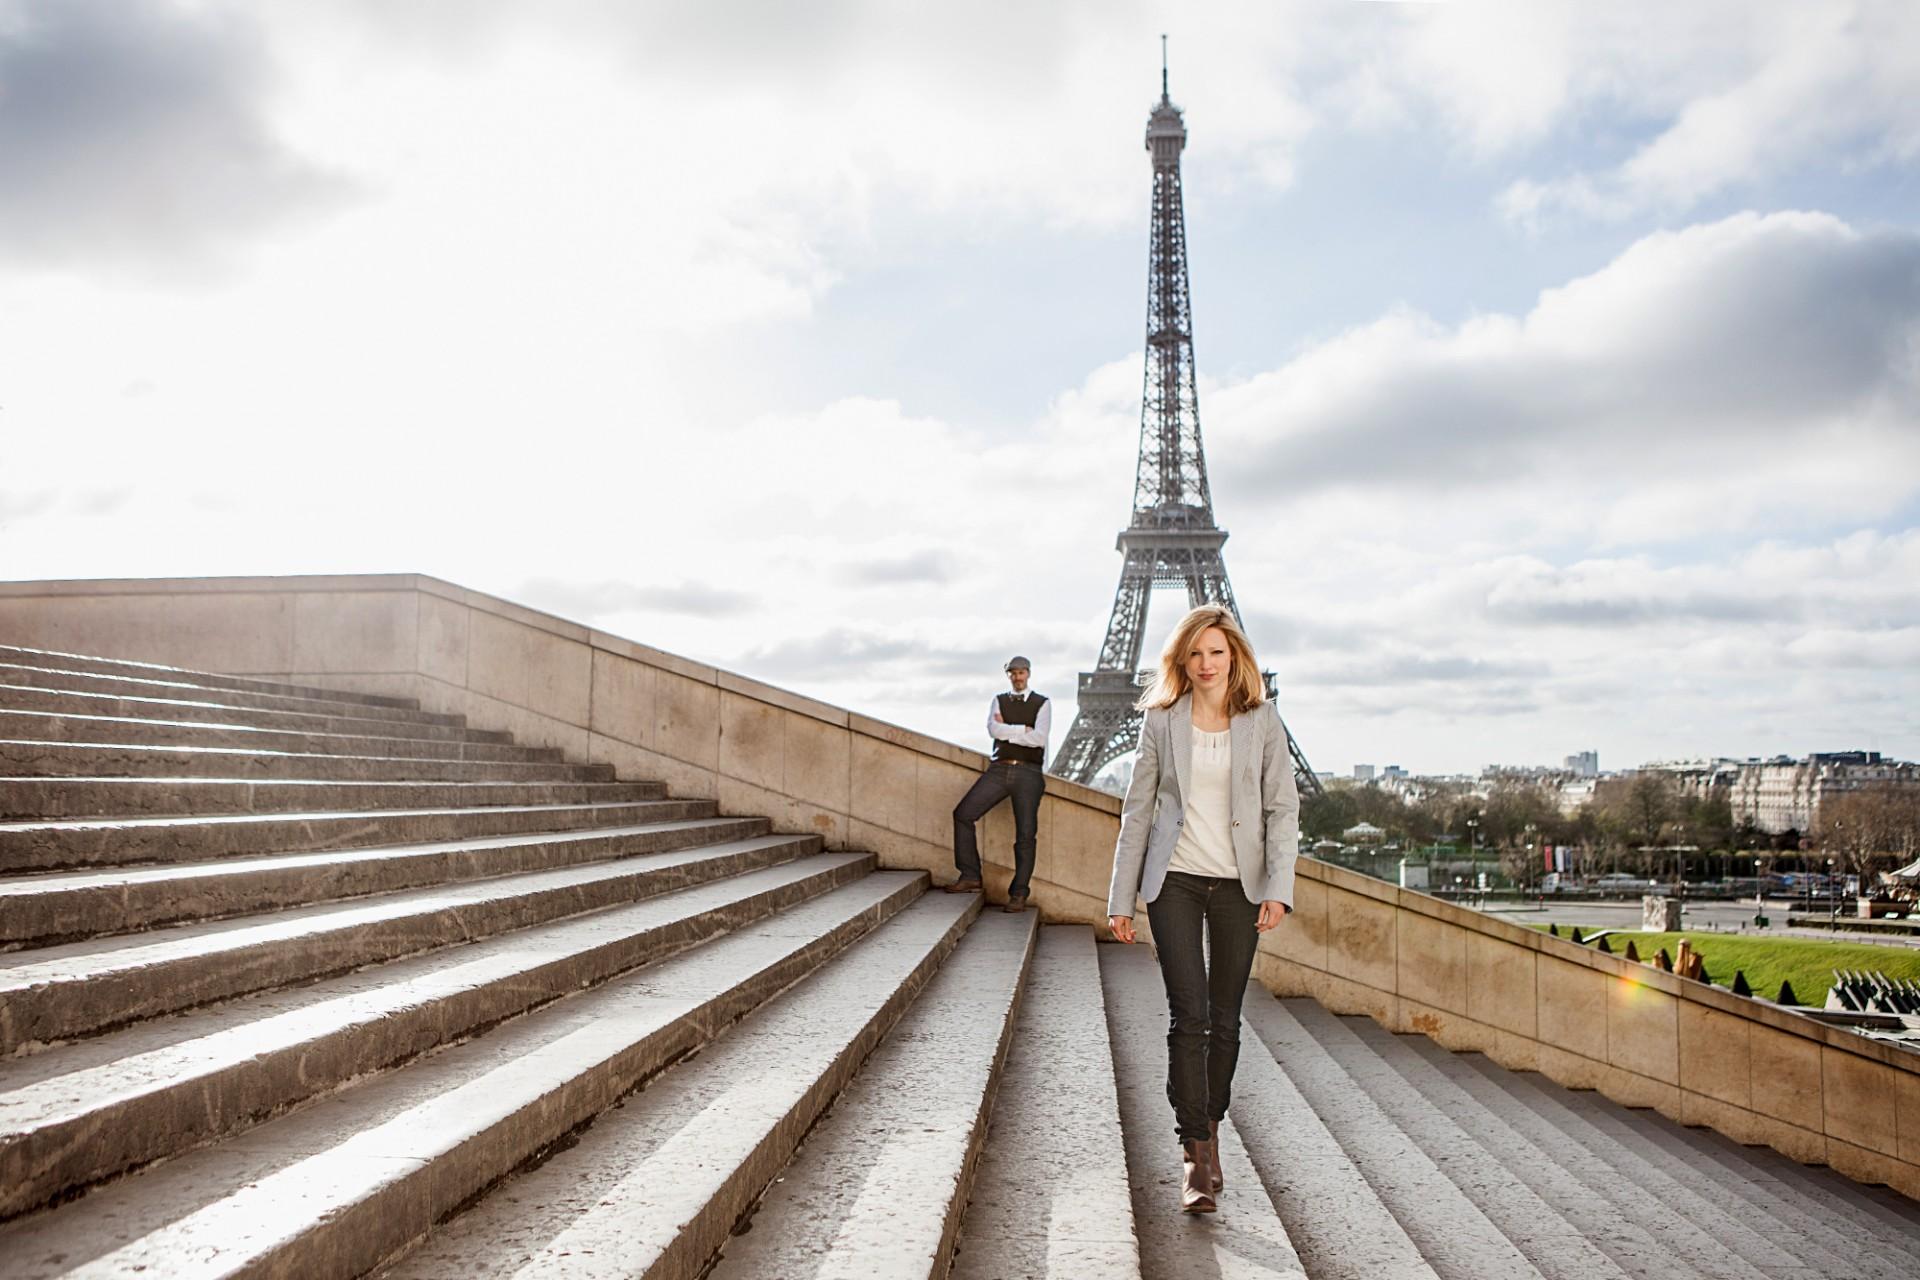 Bilder am Eiffelturm